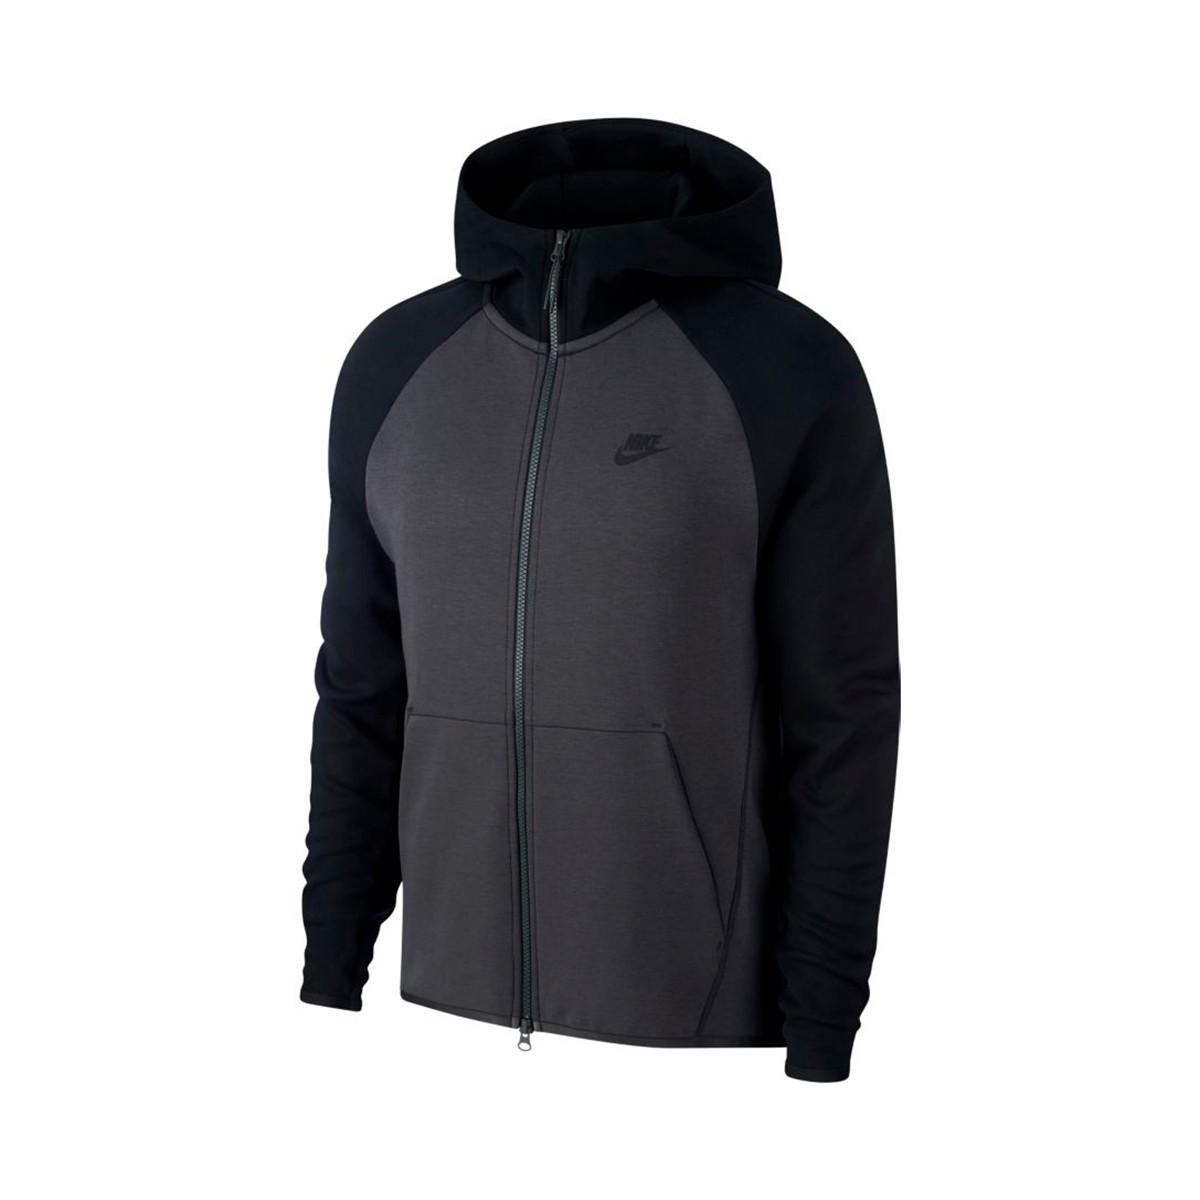 Tech Nike 2019 Fleece Sportswear Jacket DIE2H9